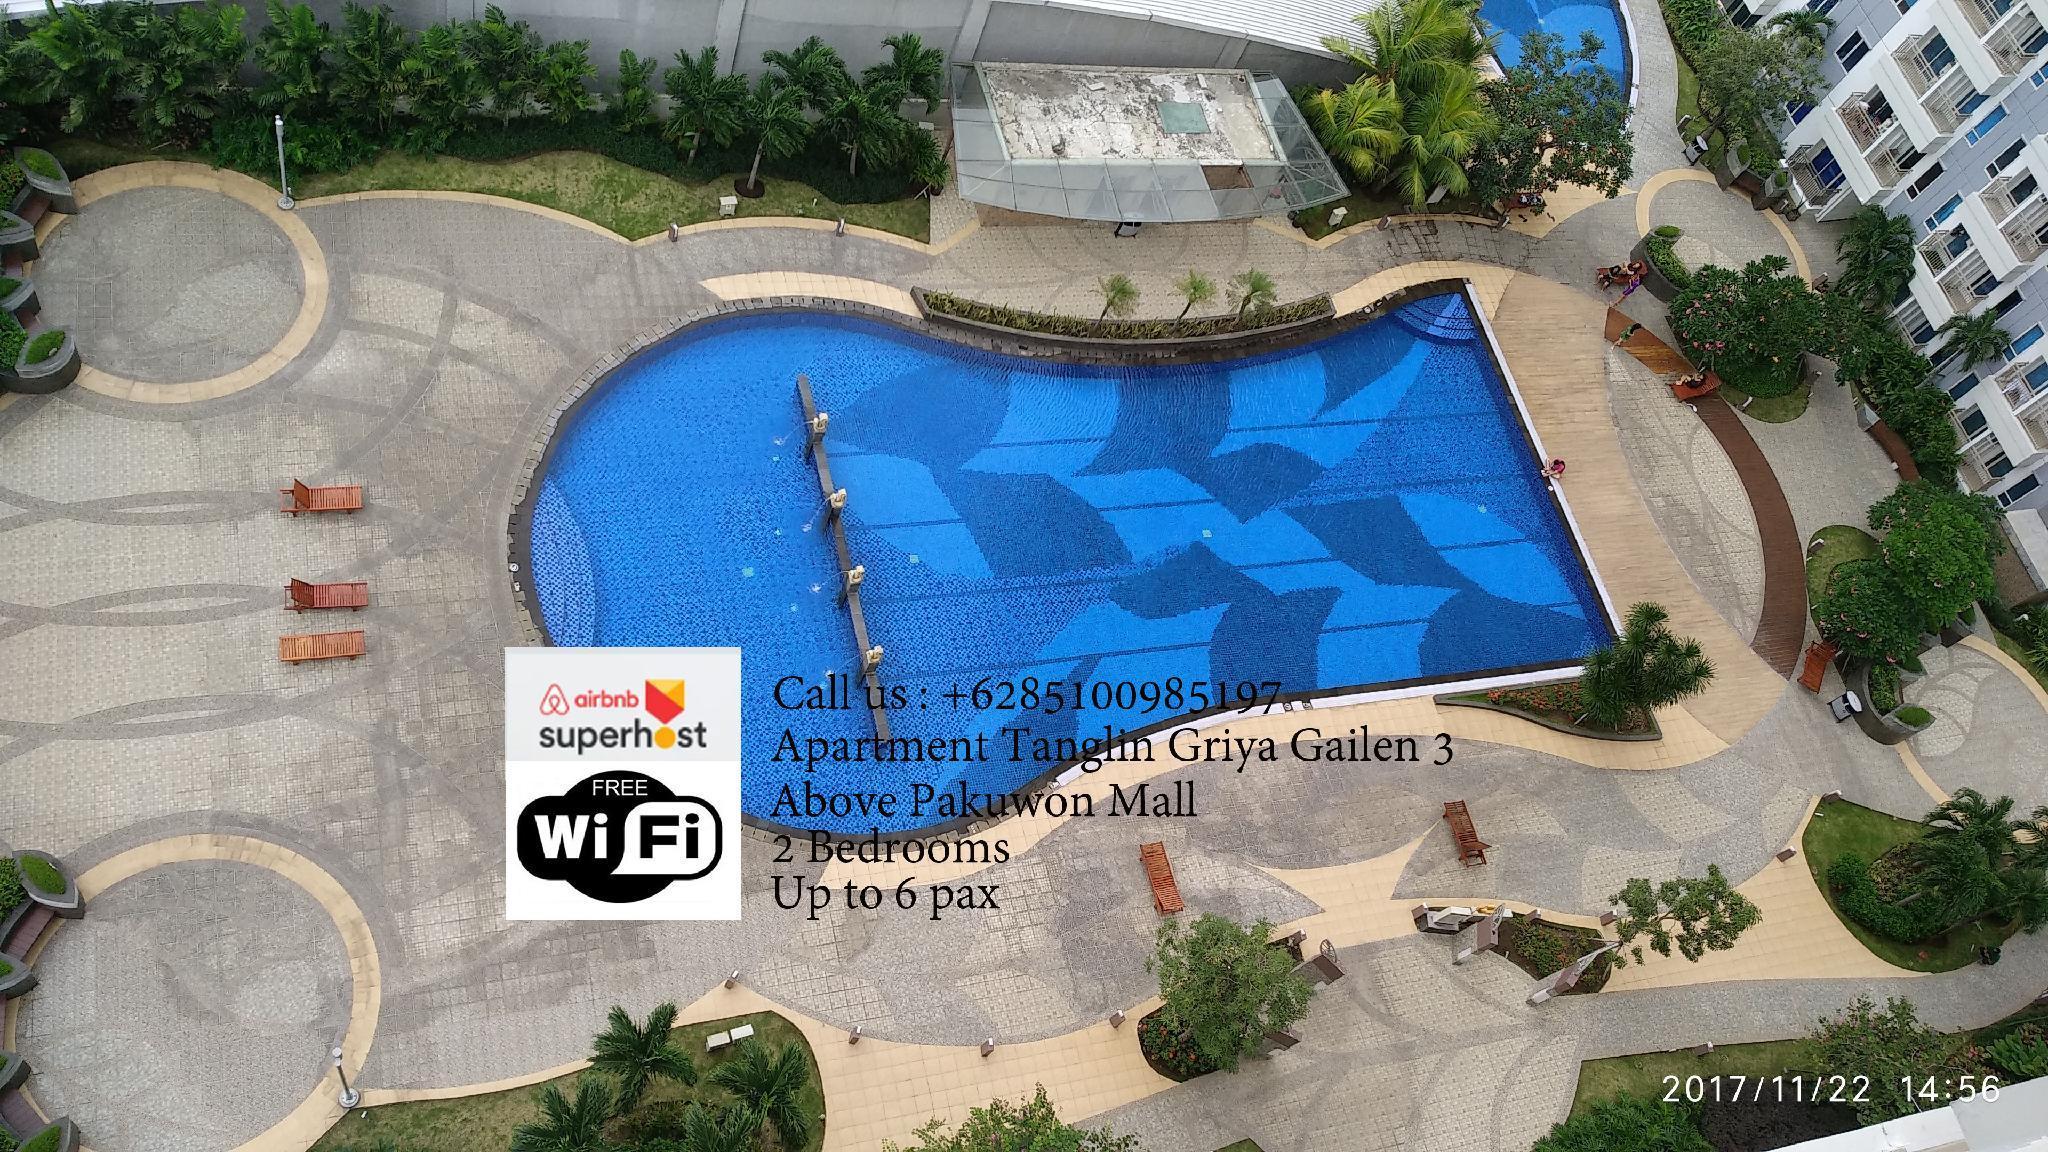 2BR Apt Tanglin Above Pakuwon Mall. Griya Gailen 3